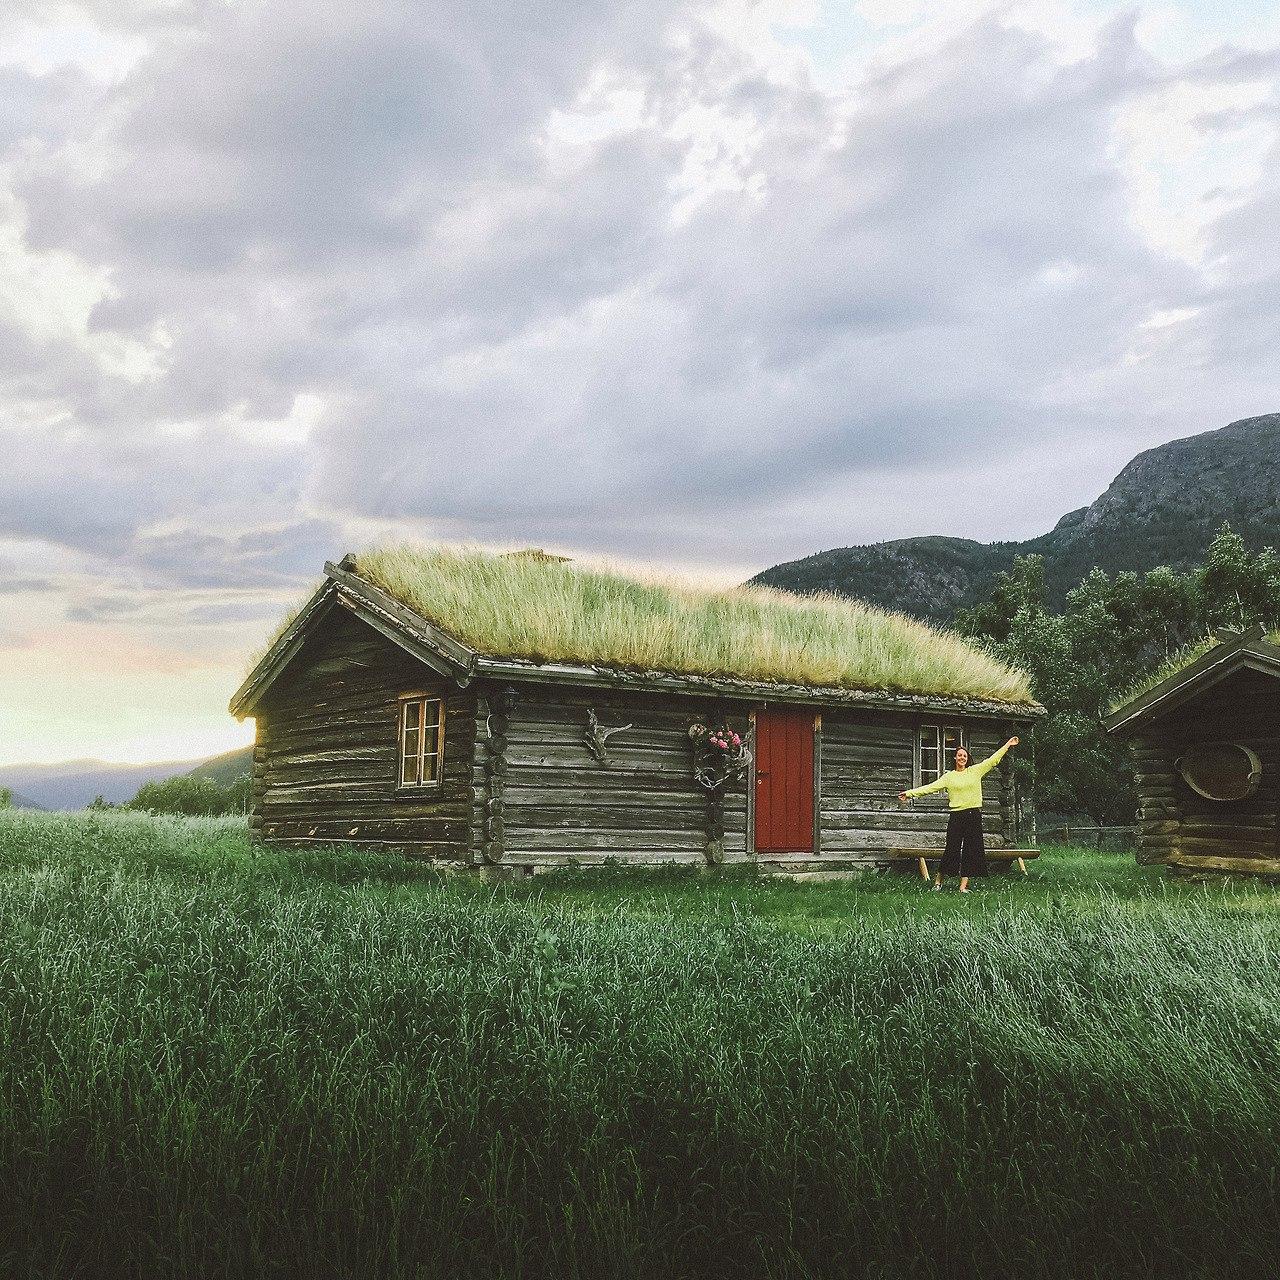 Роскошные пейзажи Норвегии - Страница 20 3RfCWLf78DA